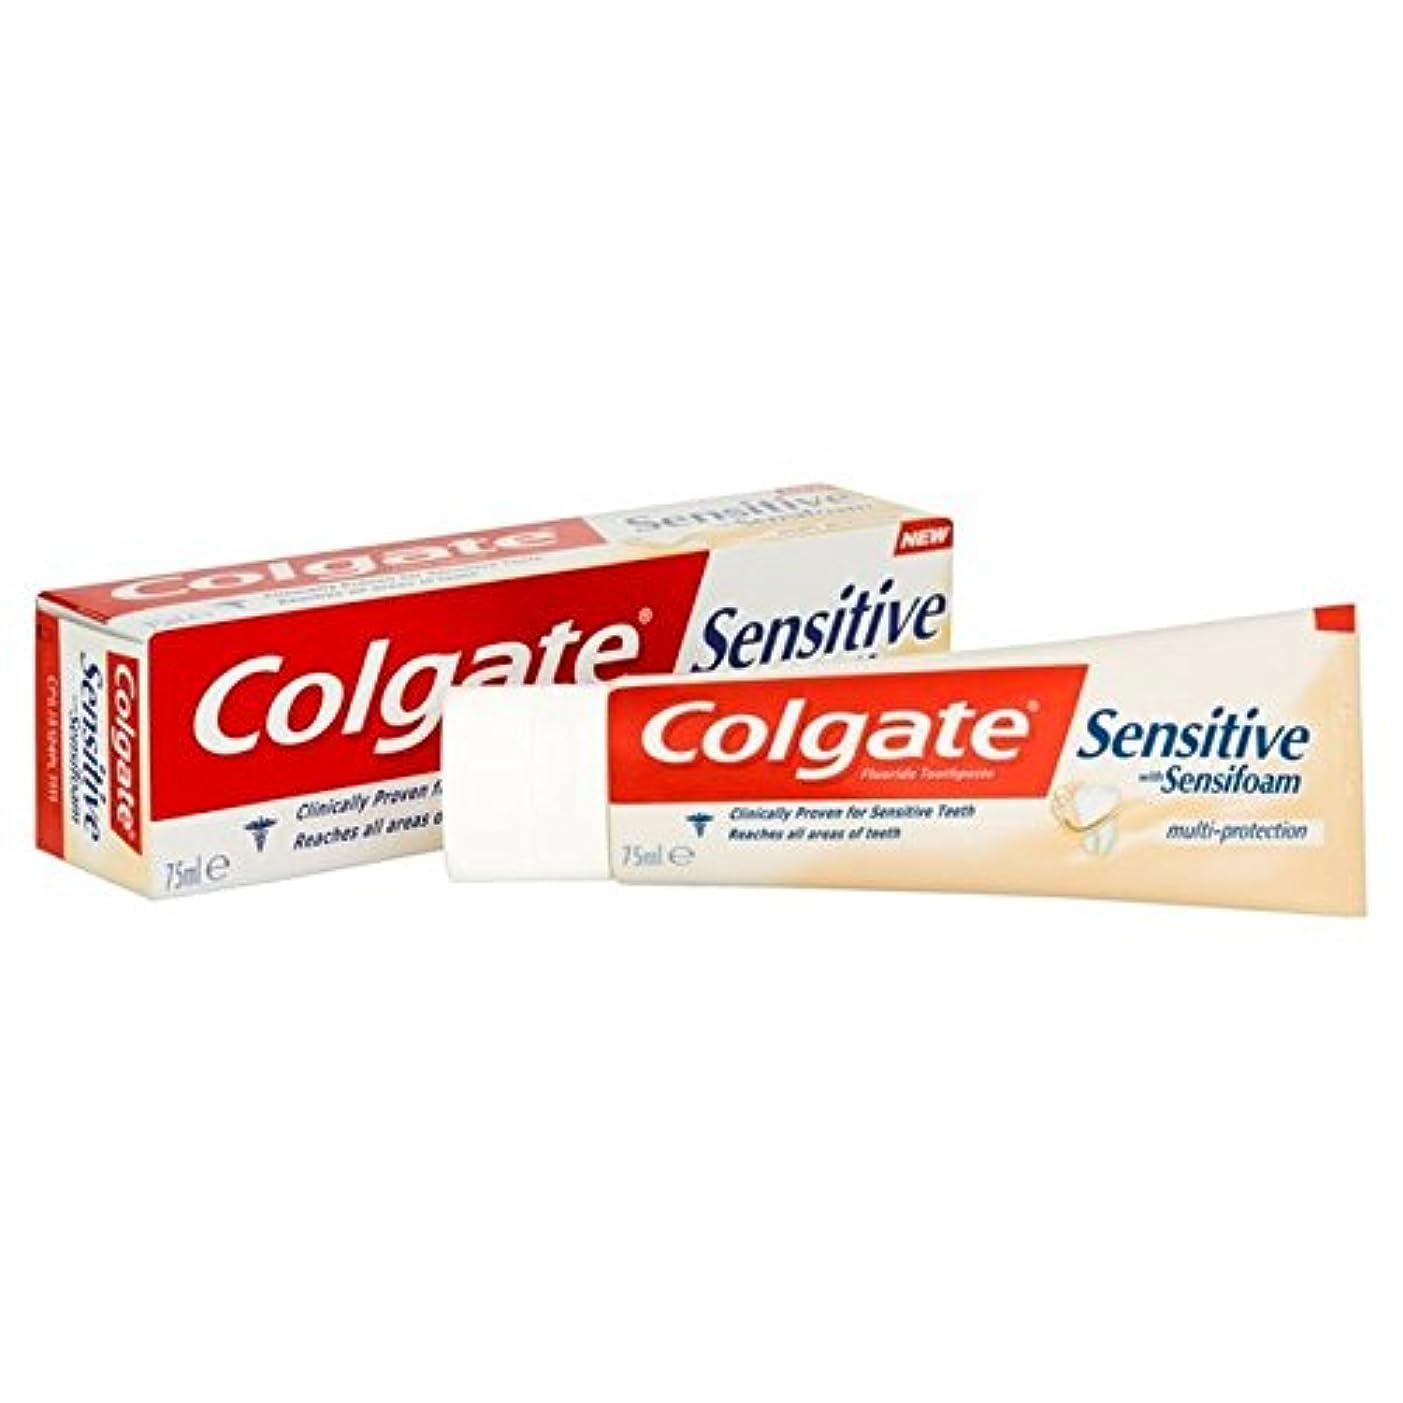 抵抗する借りる解決するColgate Sensitive Foam Multi Protect Toothpaste 75ml - コルゲート敏感な泡は、マルチ歯磨き粉75ミリリットルを保護します [並行輸入品]